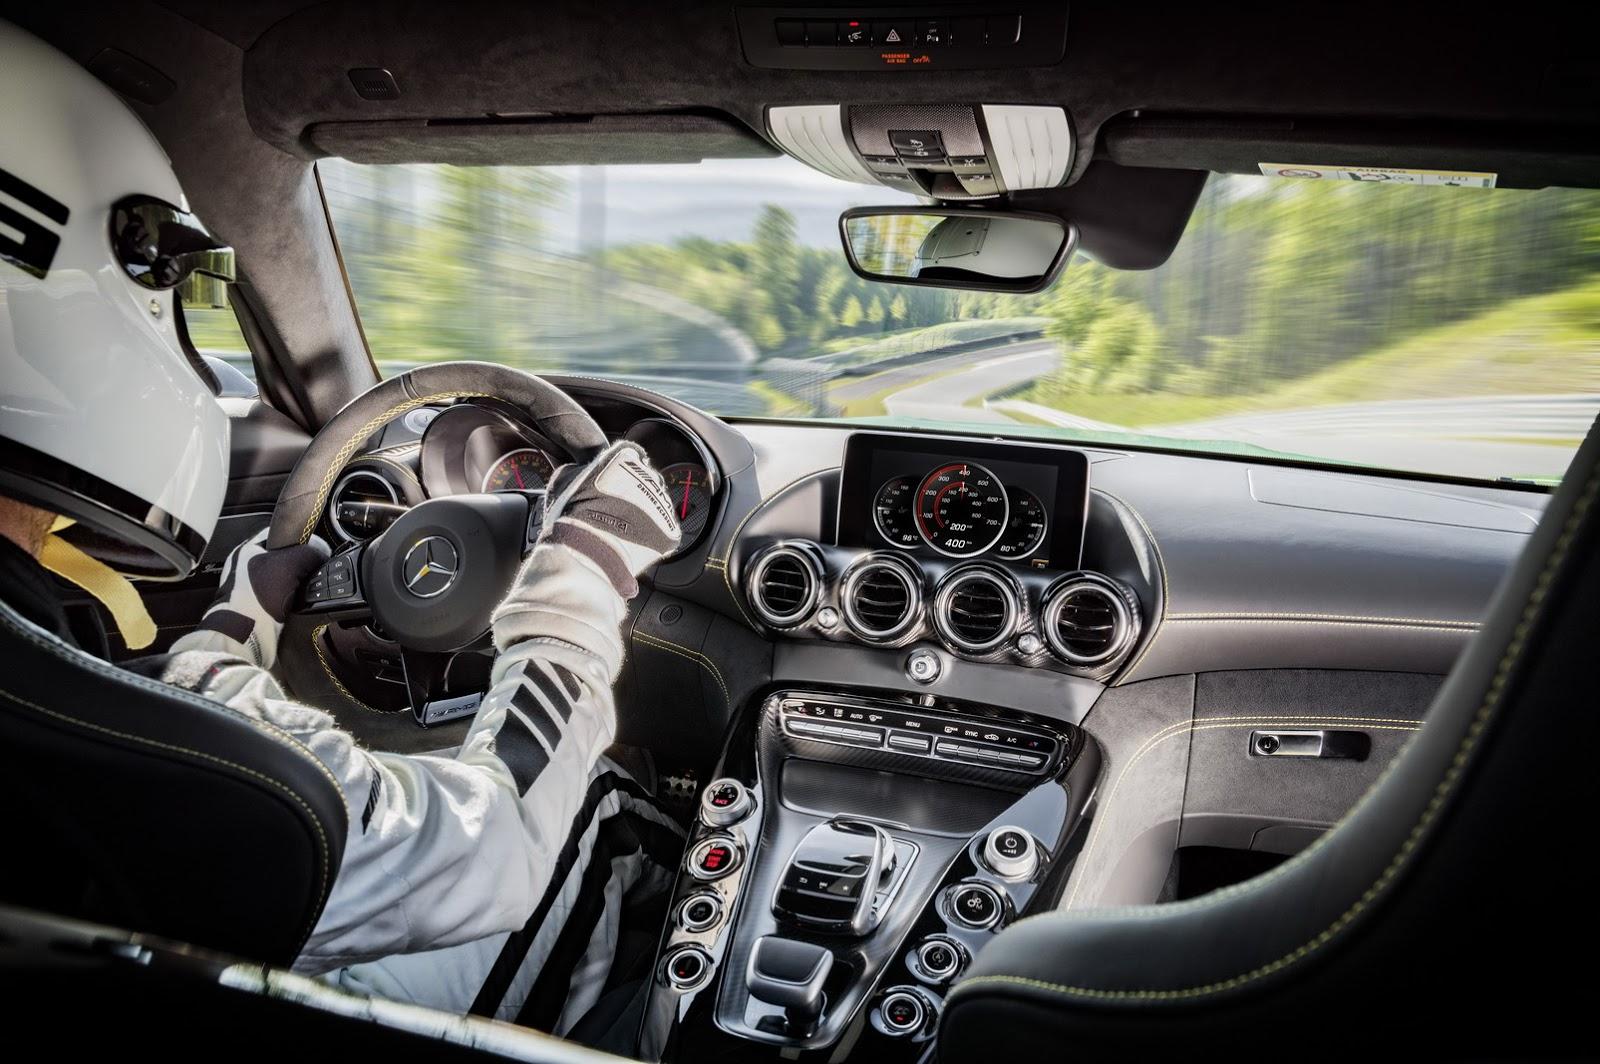 Mercedes AMG GT-R hứa hẹn sẽ là siêu xe đỉnh cao nhất trong phân khúc